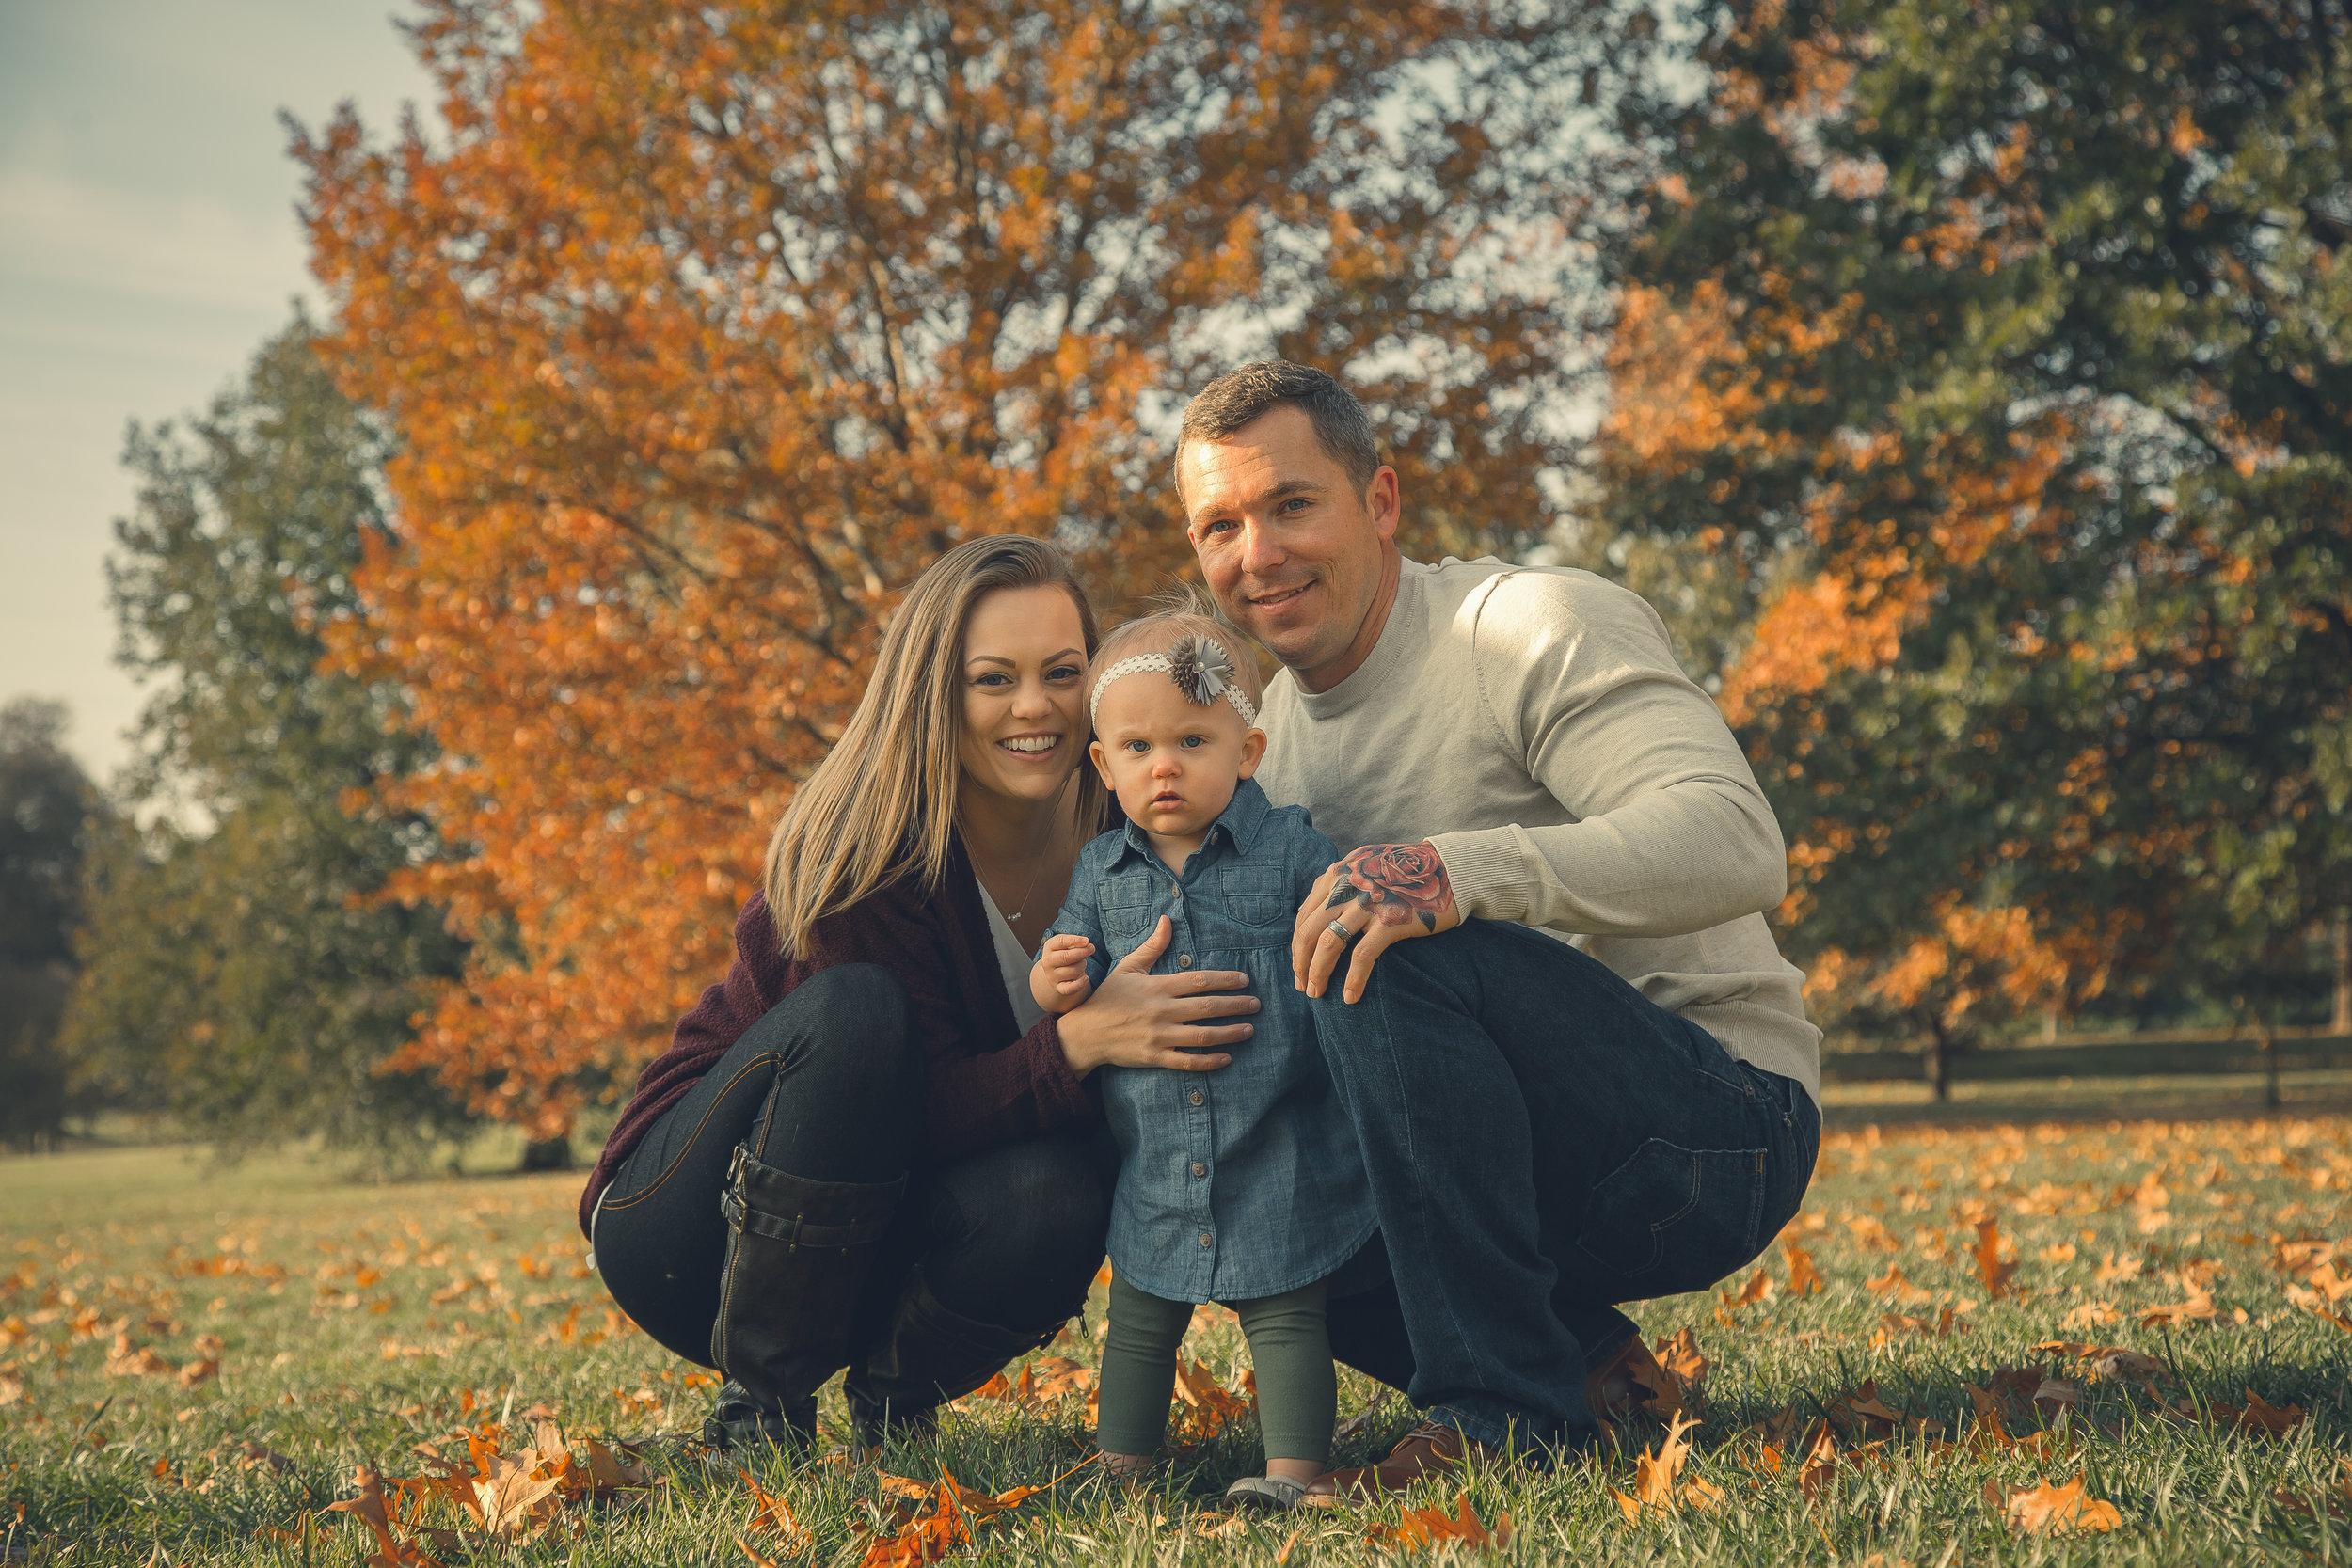 Bennett-Burrell Family Photos 2018 (22 of 39).jpg